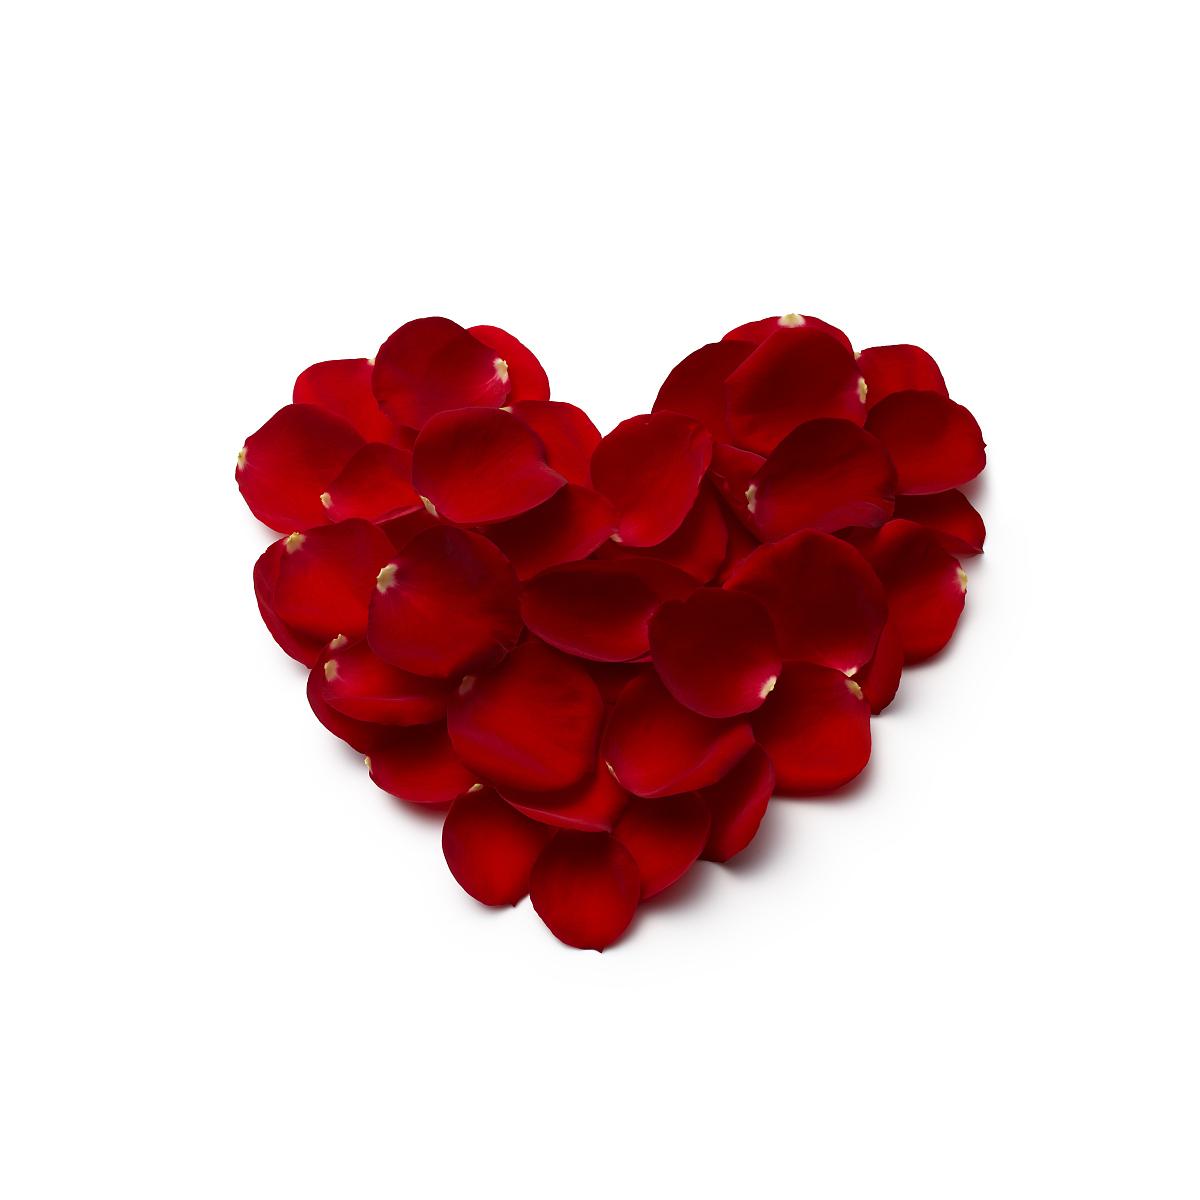 红心形由玫瑰花瓣制成图片